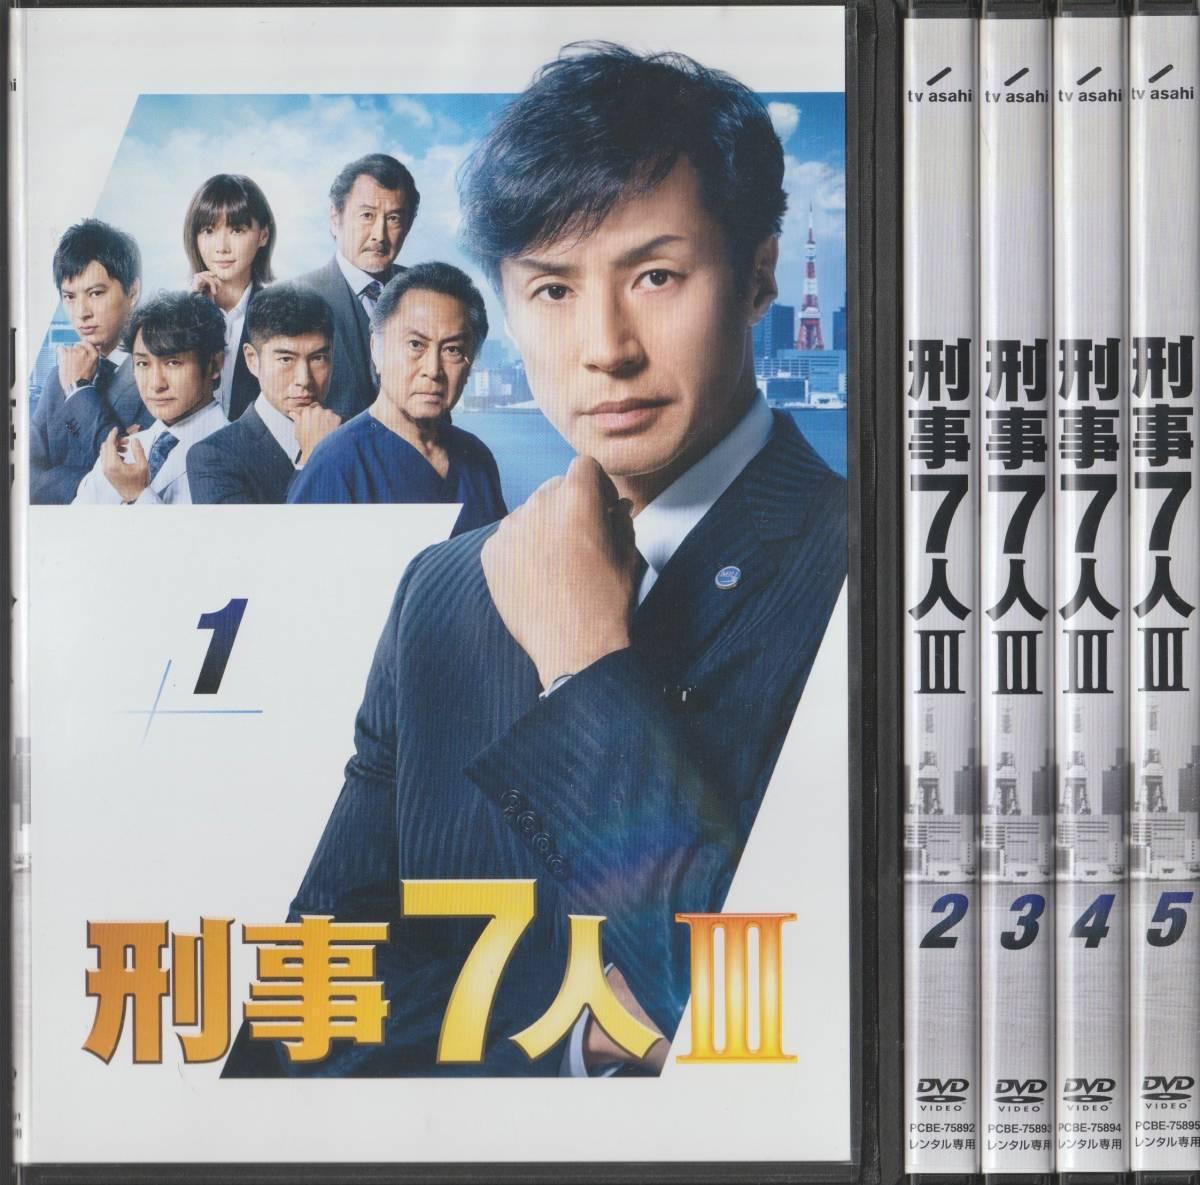 人 第 5 シリーズ 7 刑事